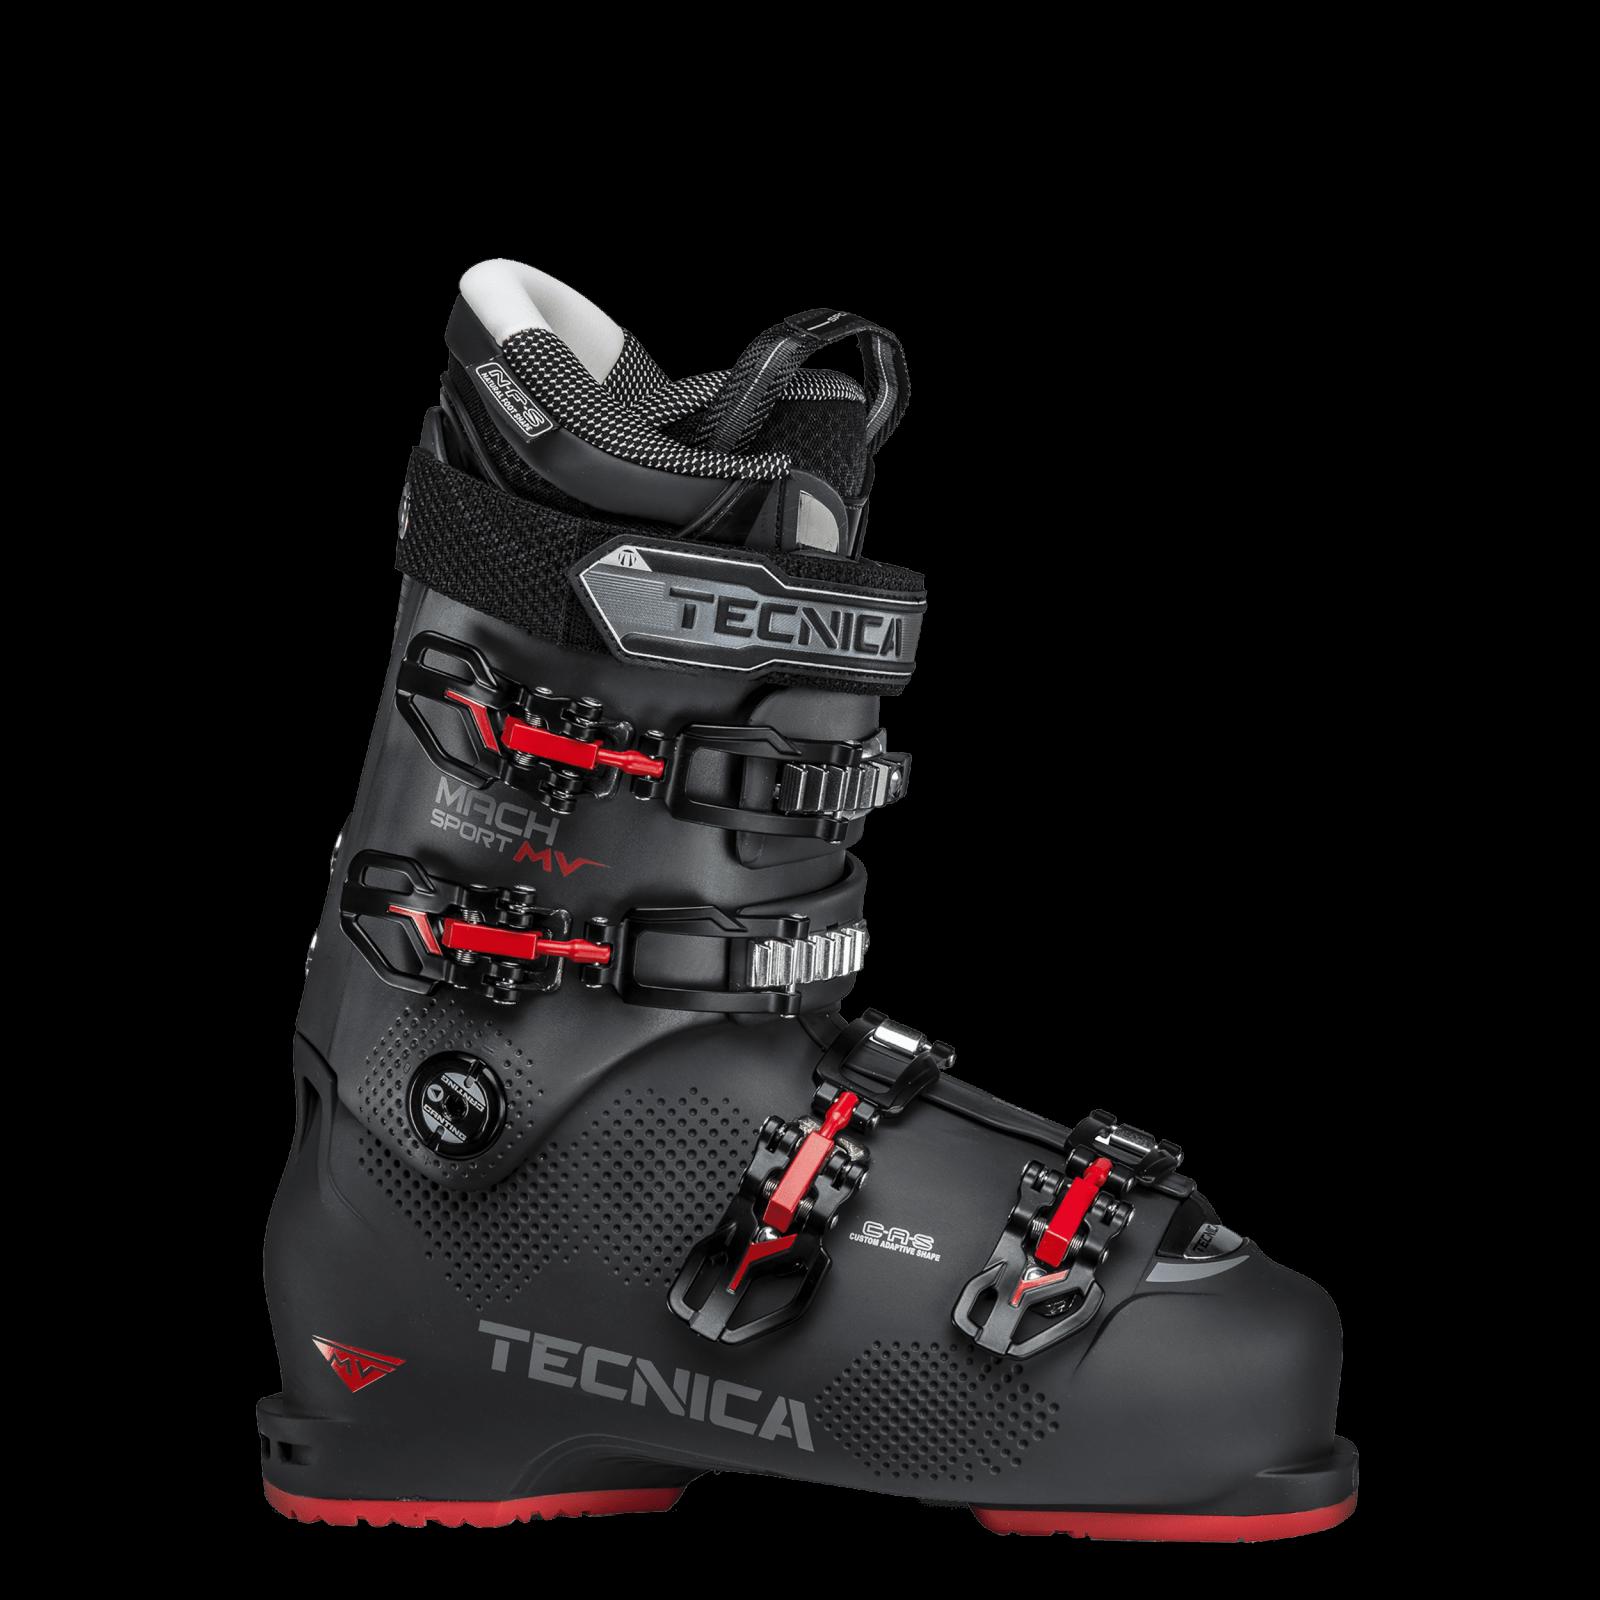 2022 Tecnica Mach Sport MV 100 Men's Ski Boots